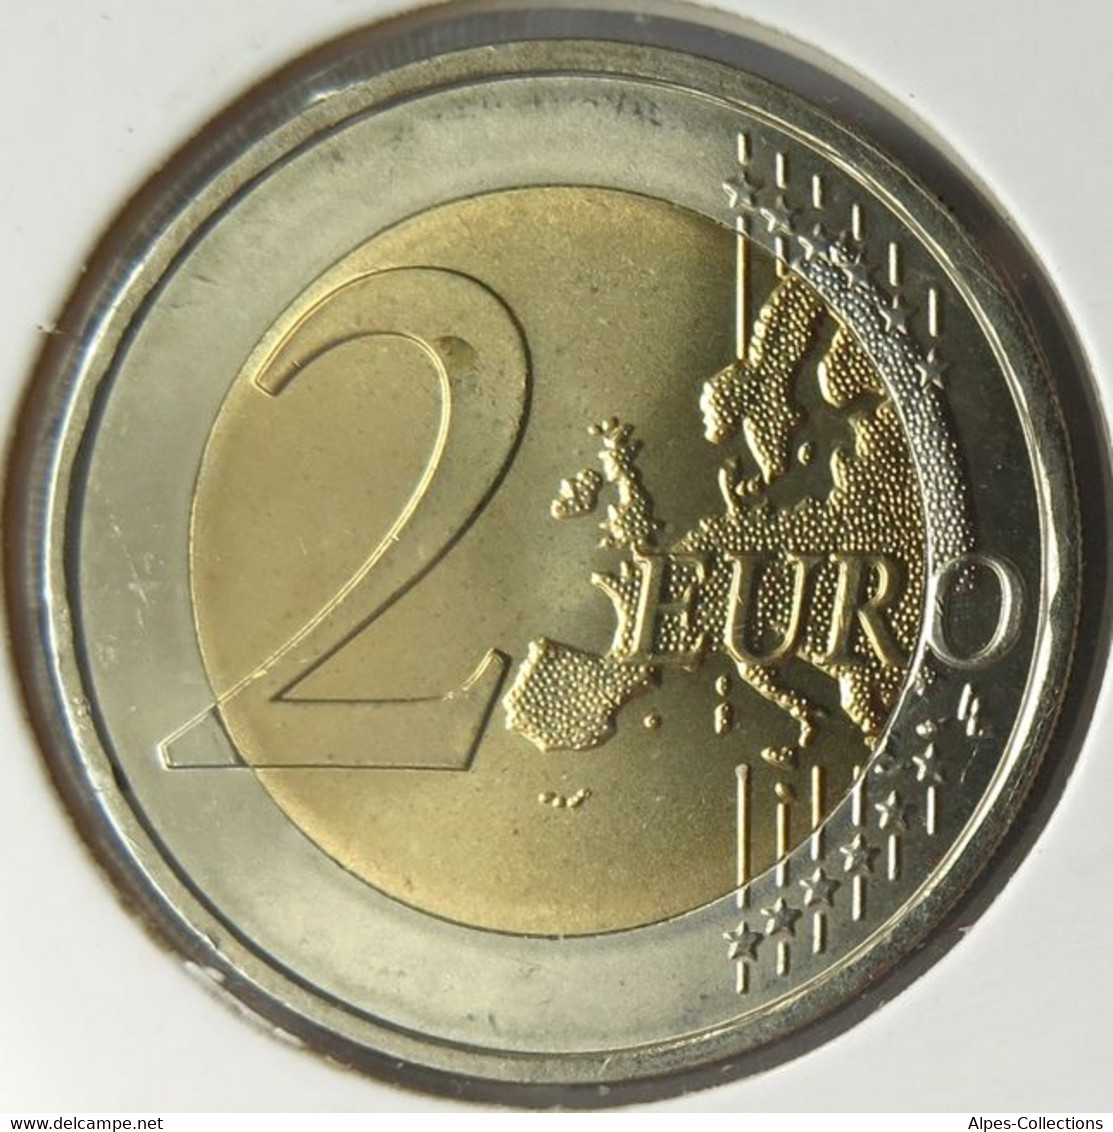 AL20007.4J - ALLEMAGNE - 2 Euros Commémo. Colorisée Mecklenburg-Vorpommern - 2007 J - Germany